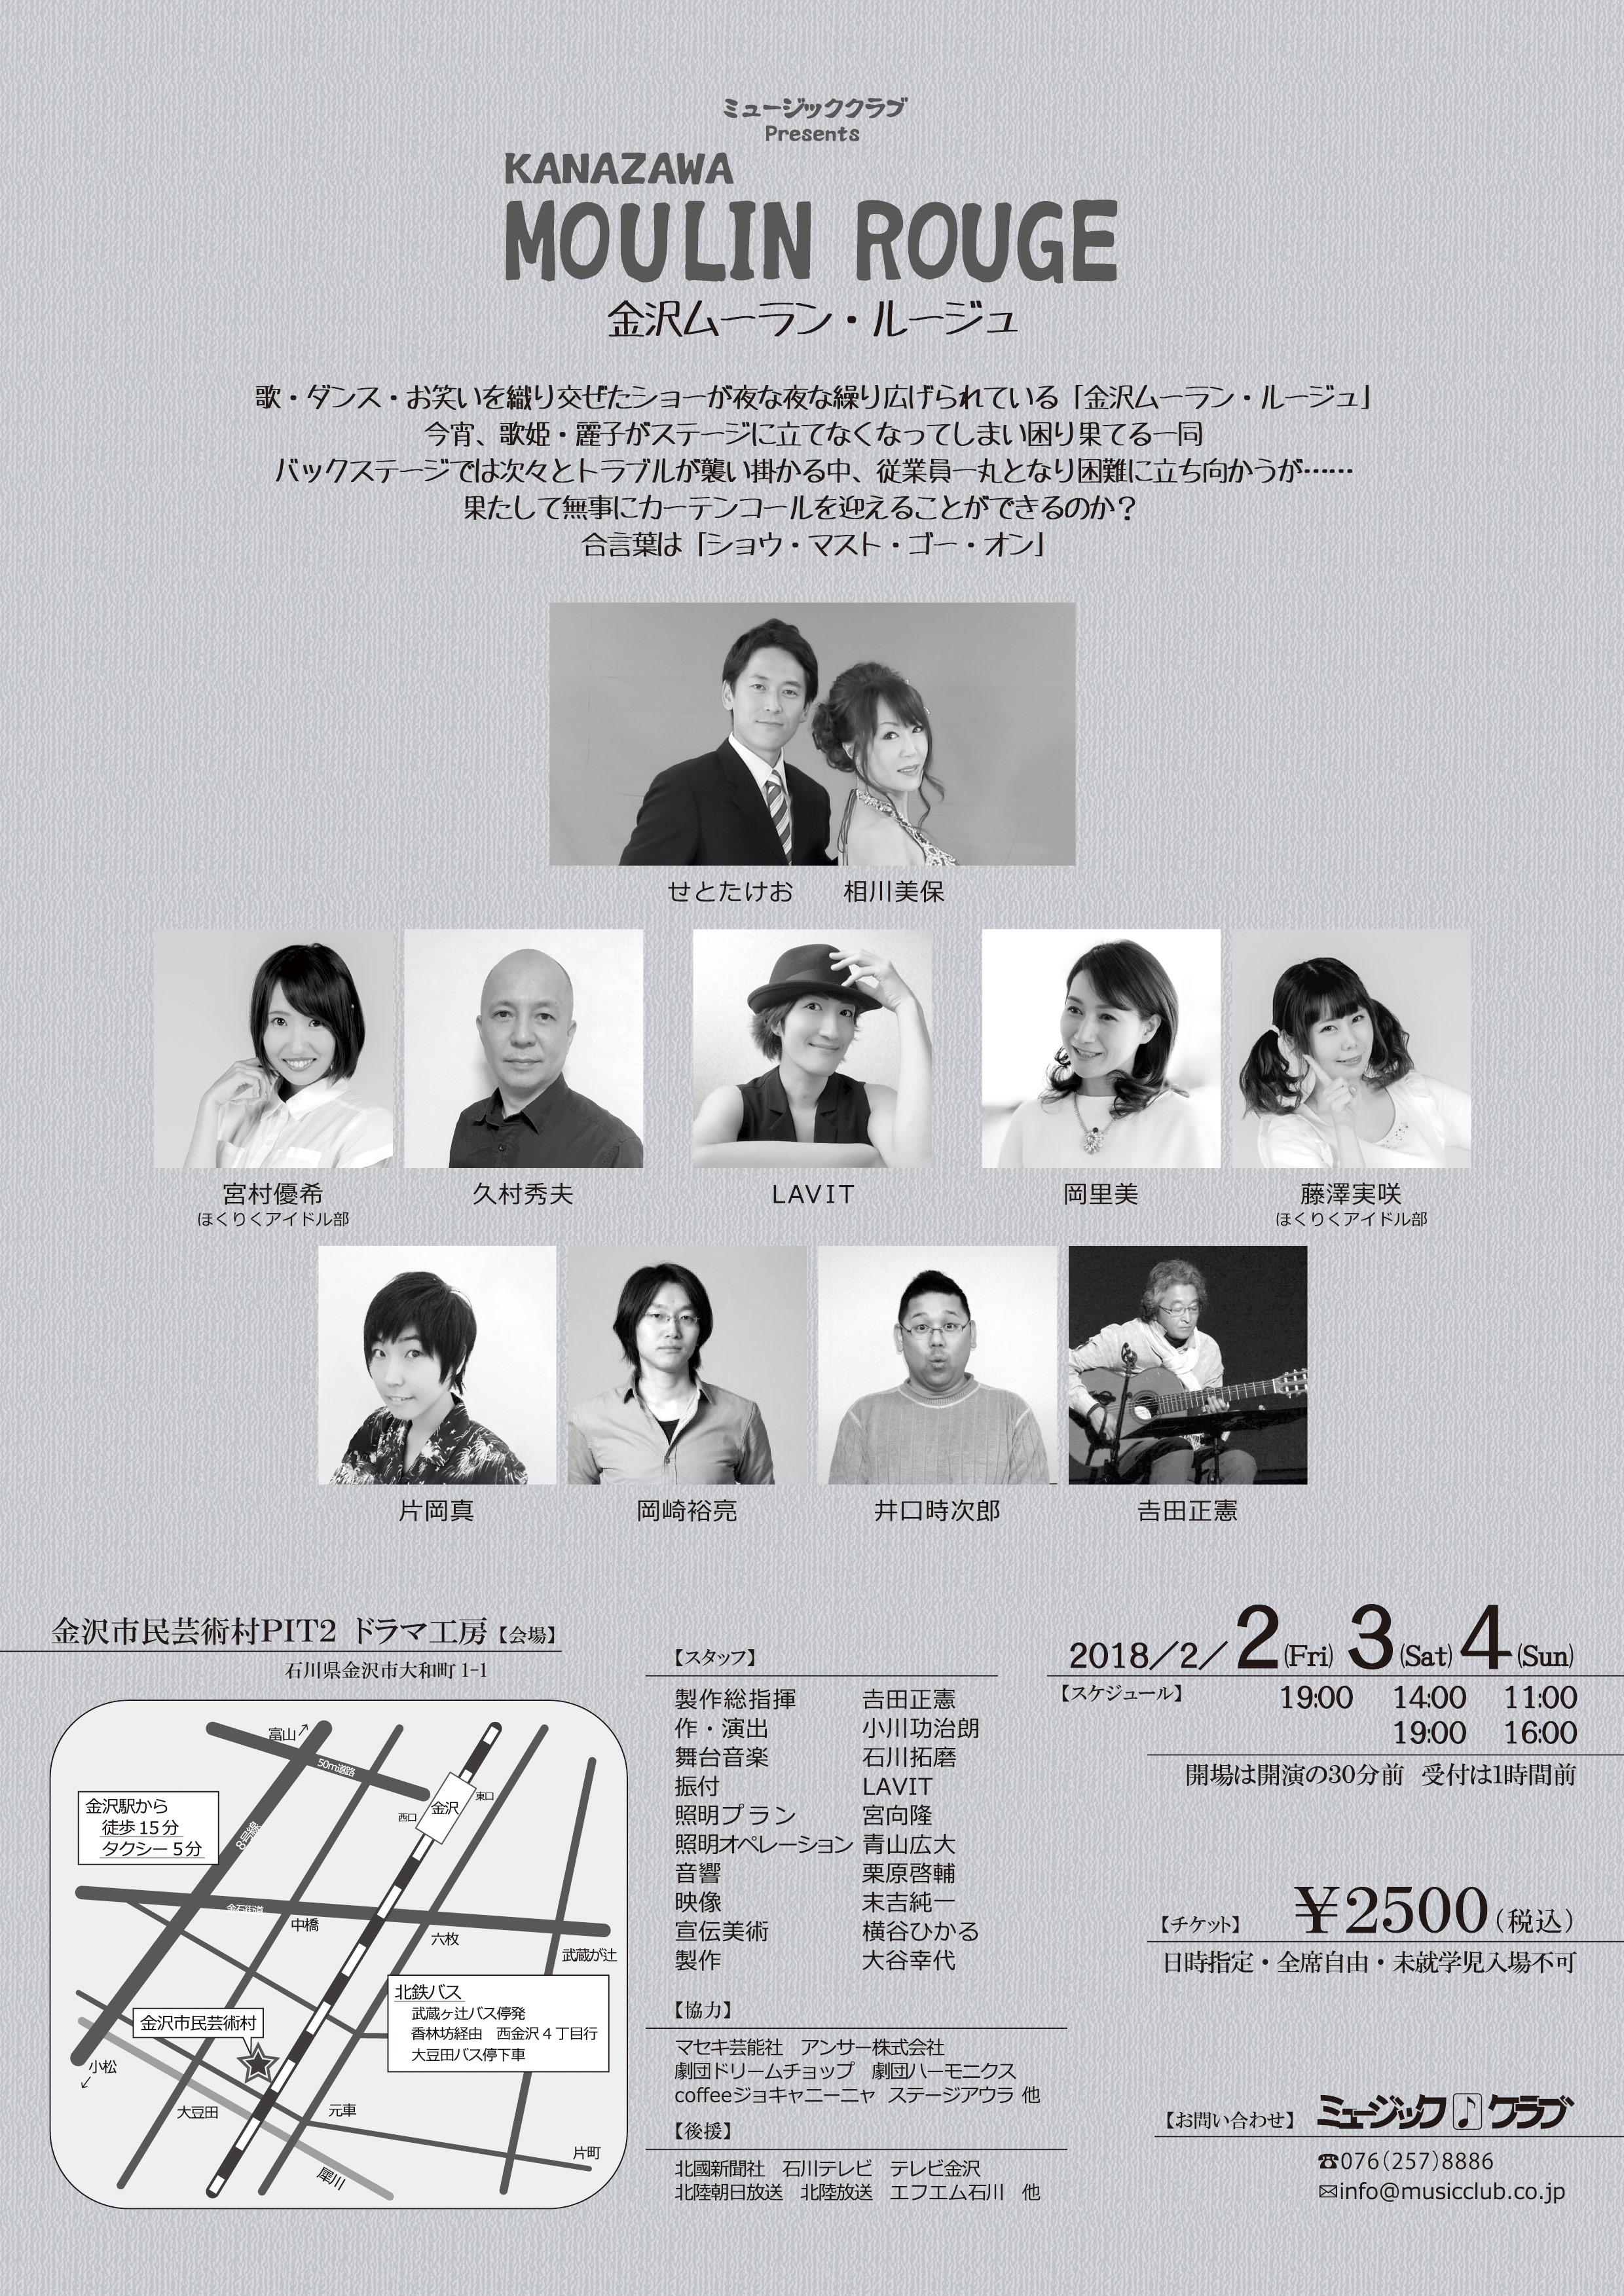 【完成】金沢ムーラン・ルージュ (ロートレッ